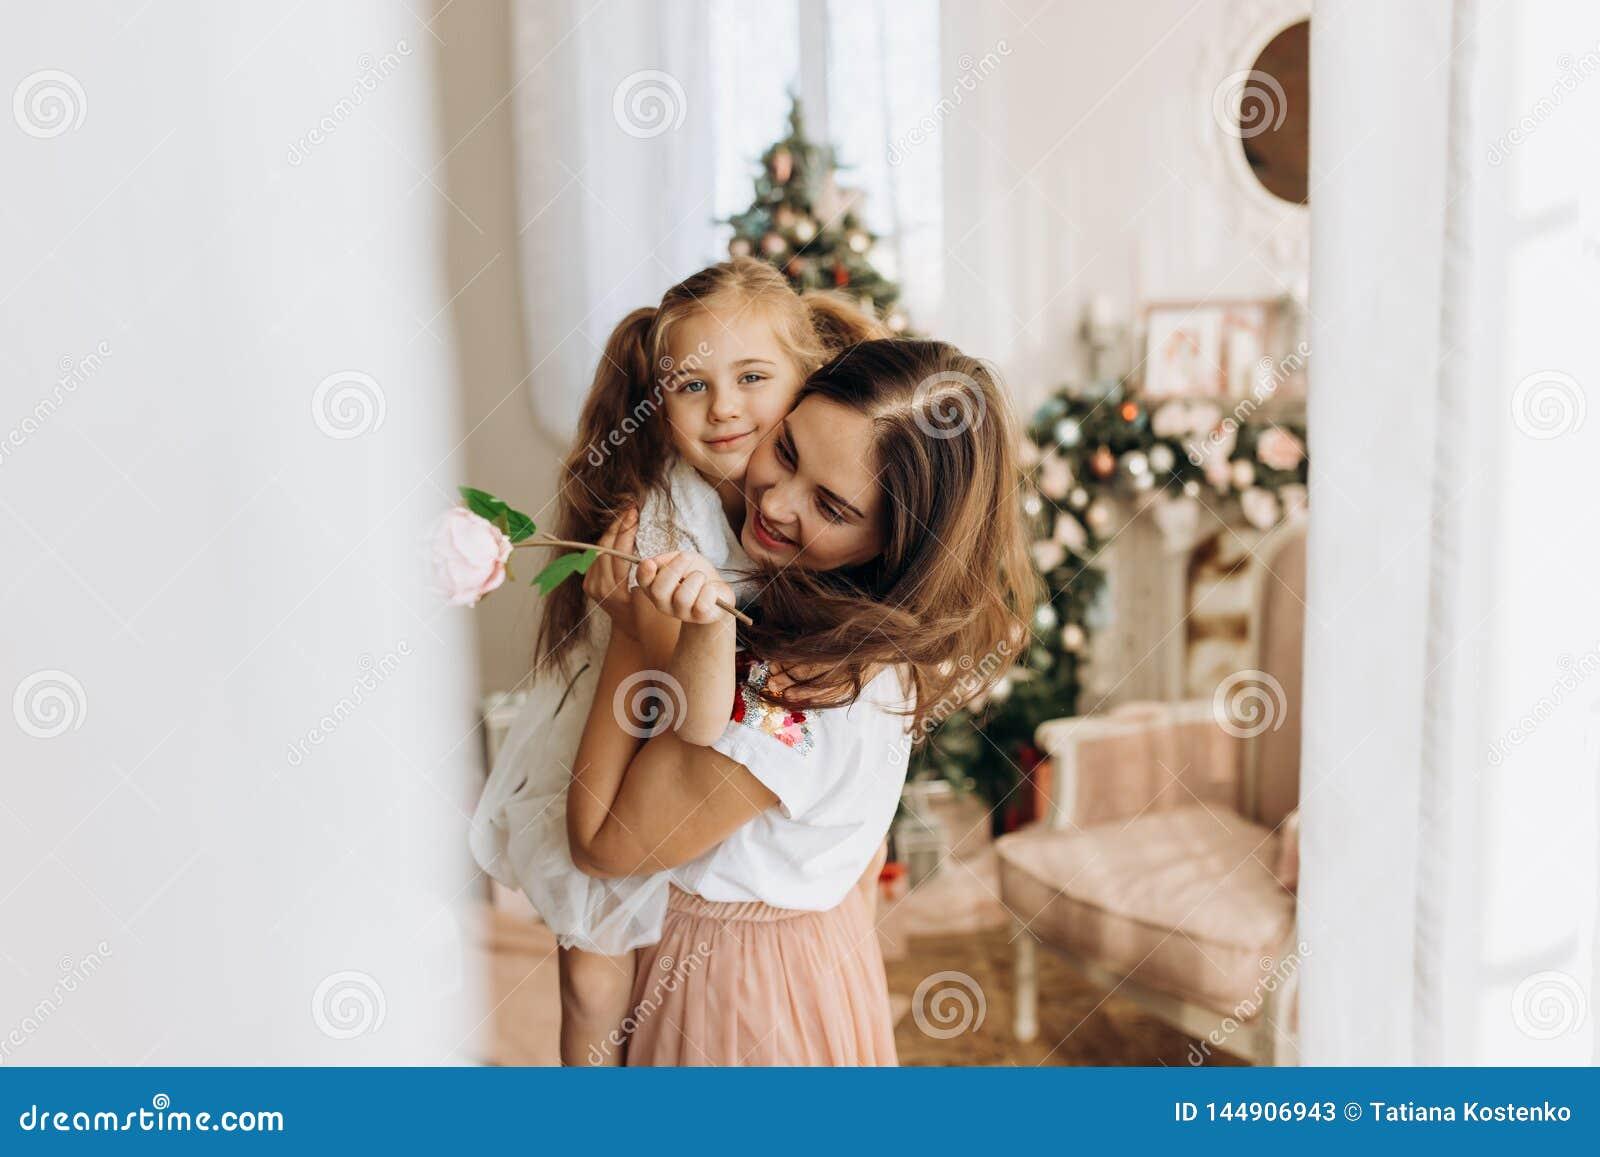 Η νέα μητέρα την κρατά σε ετοιμότητα της λίγη κόρη στο άνετο δωμάτιο με